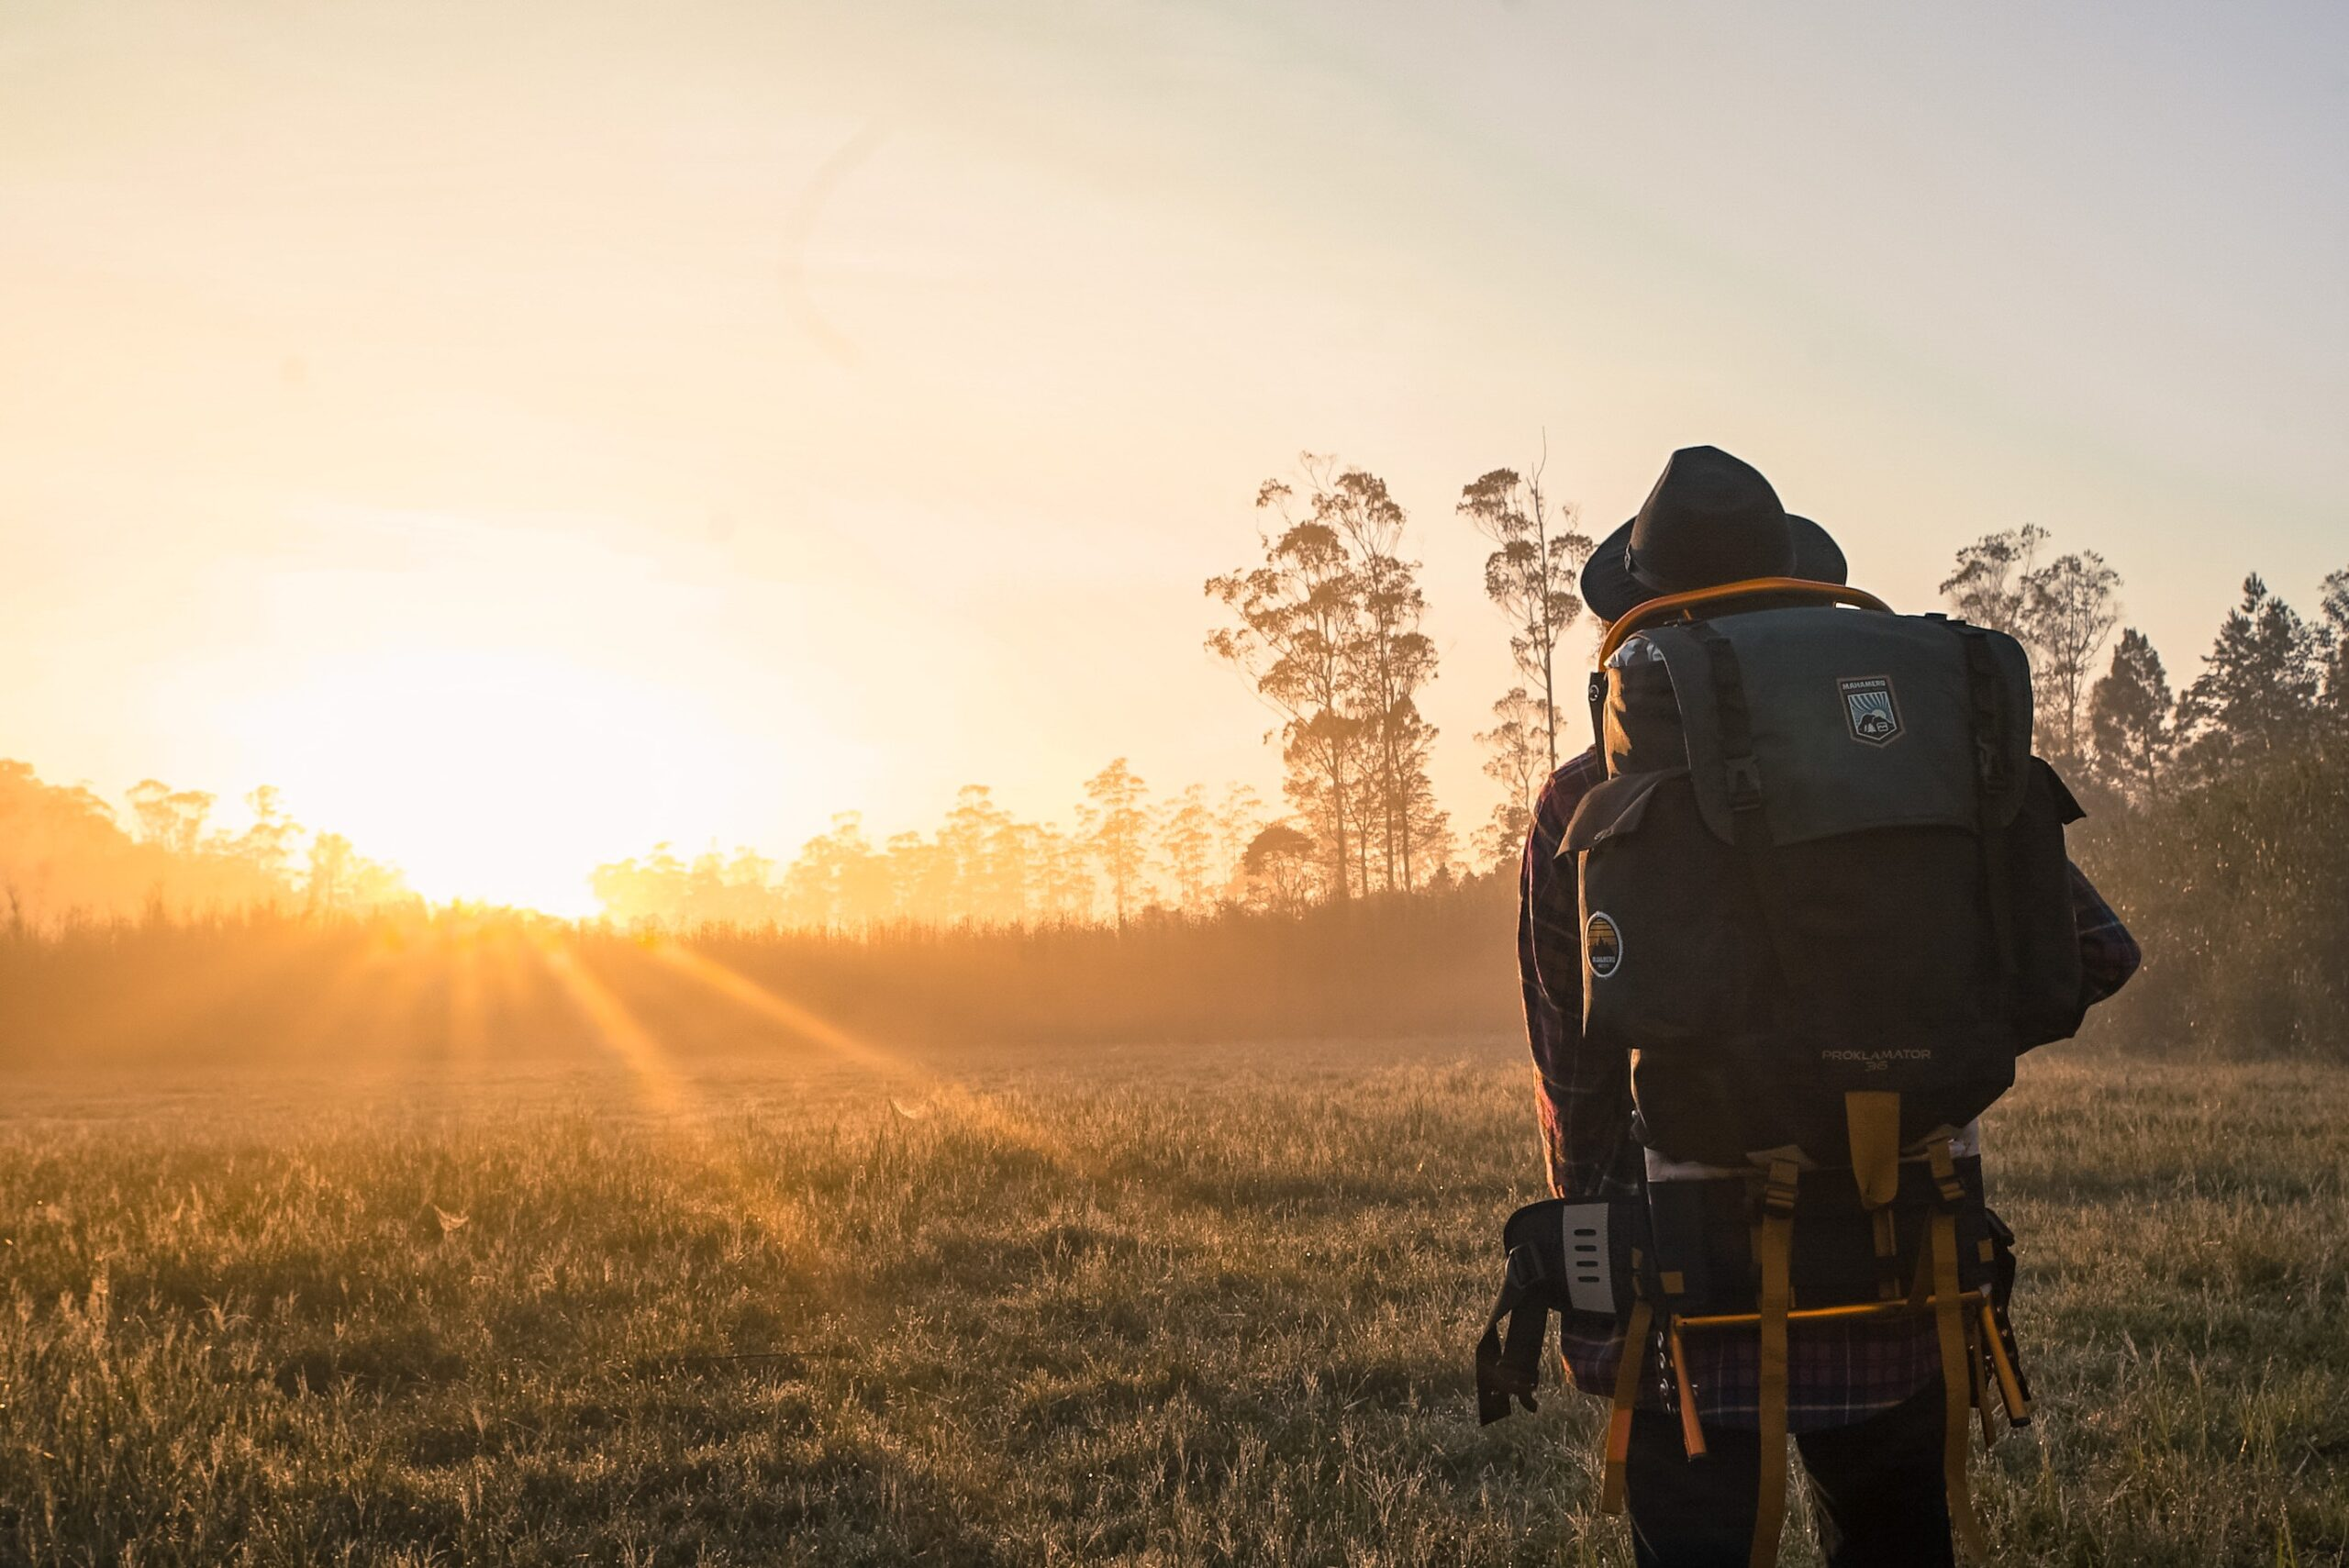 Mochilero observando puesta de sol